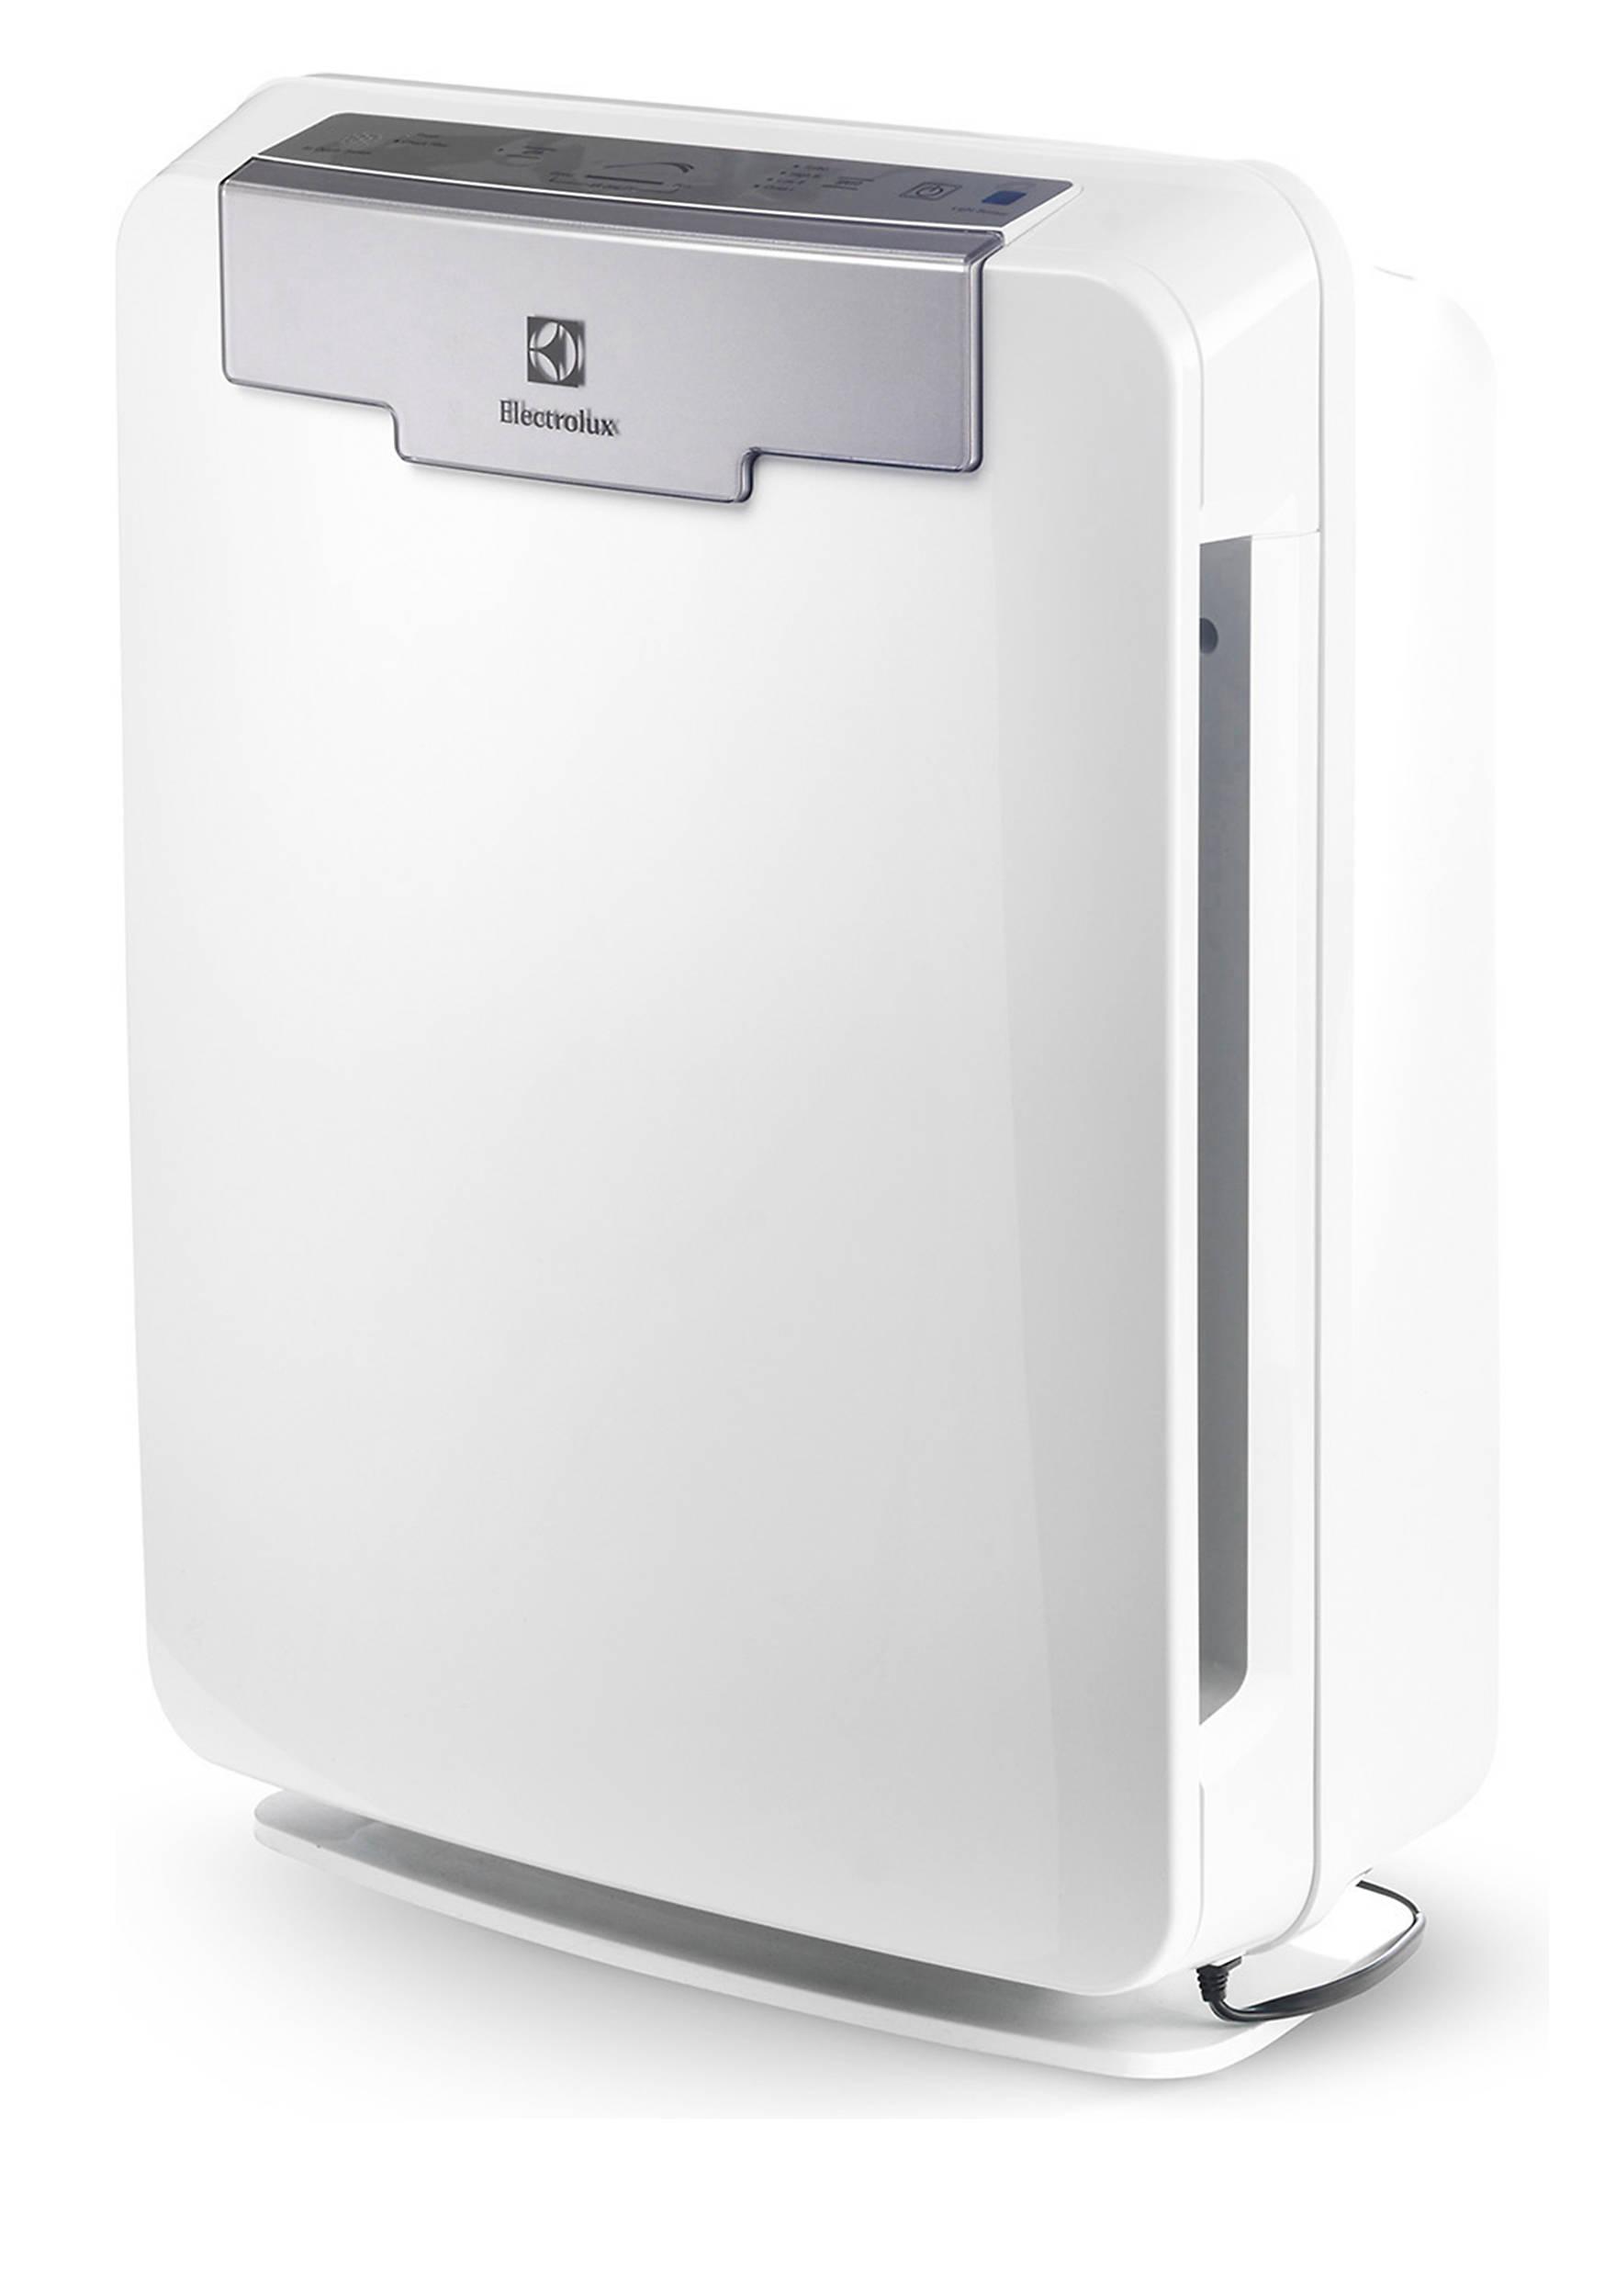 Electrolux Pure Oxygen Allergy 300 Allergen Air Cleaner | belk